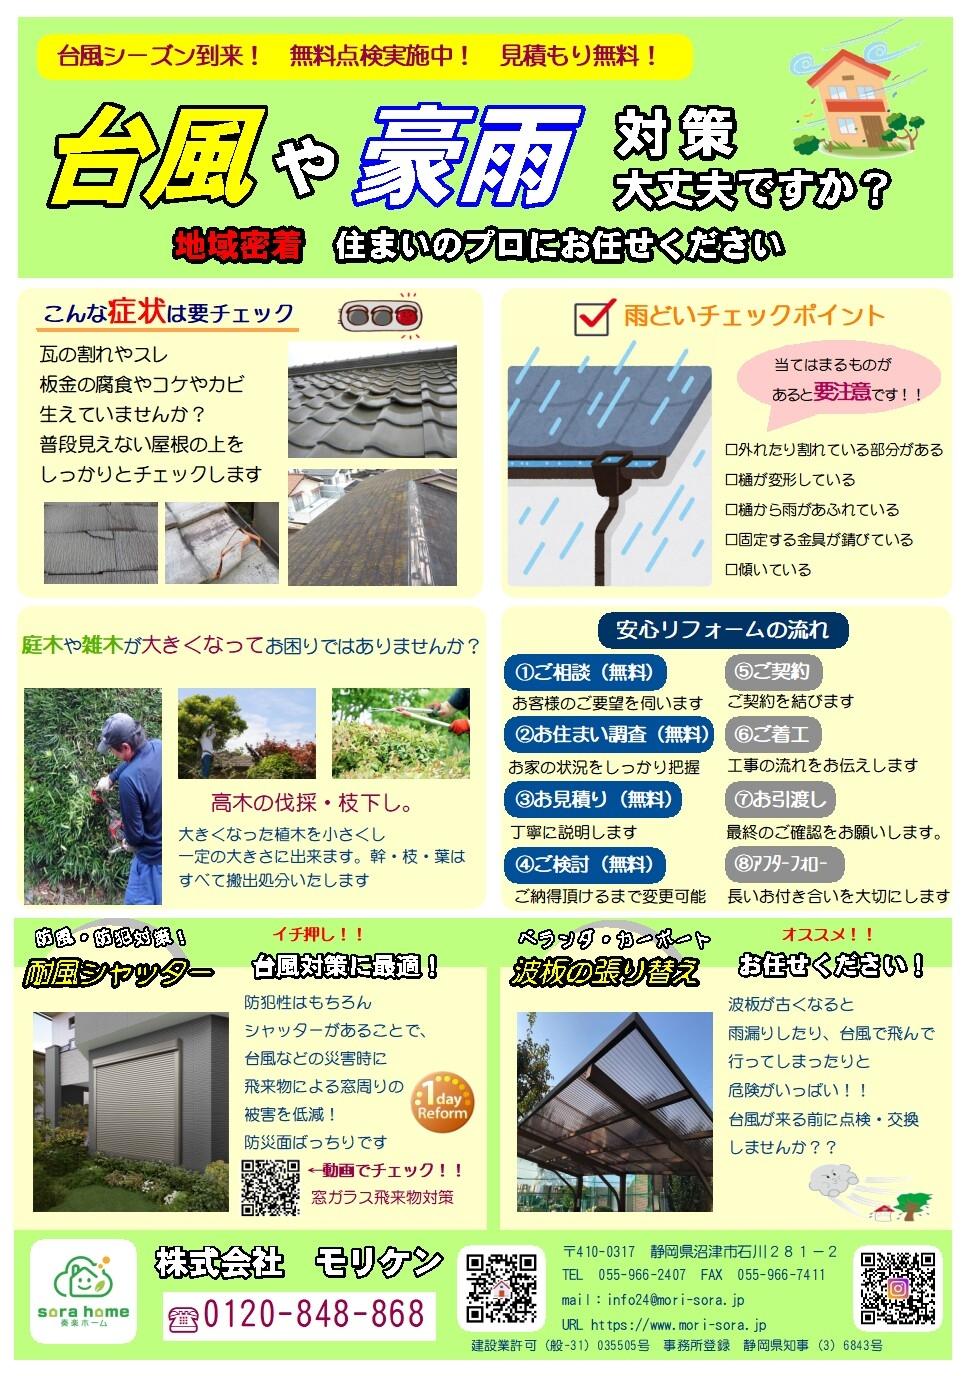 リフォーム広告.jpg